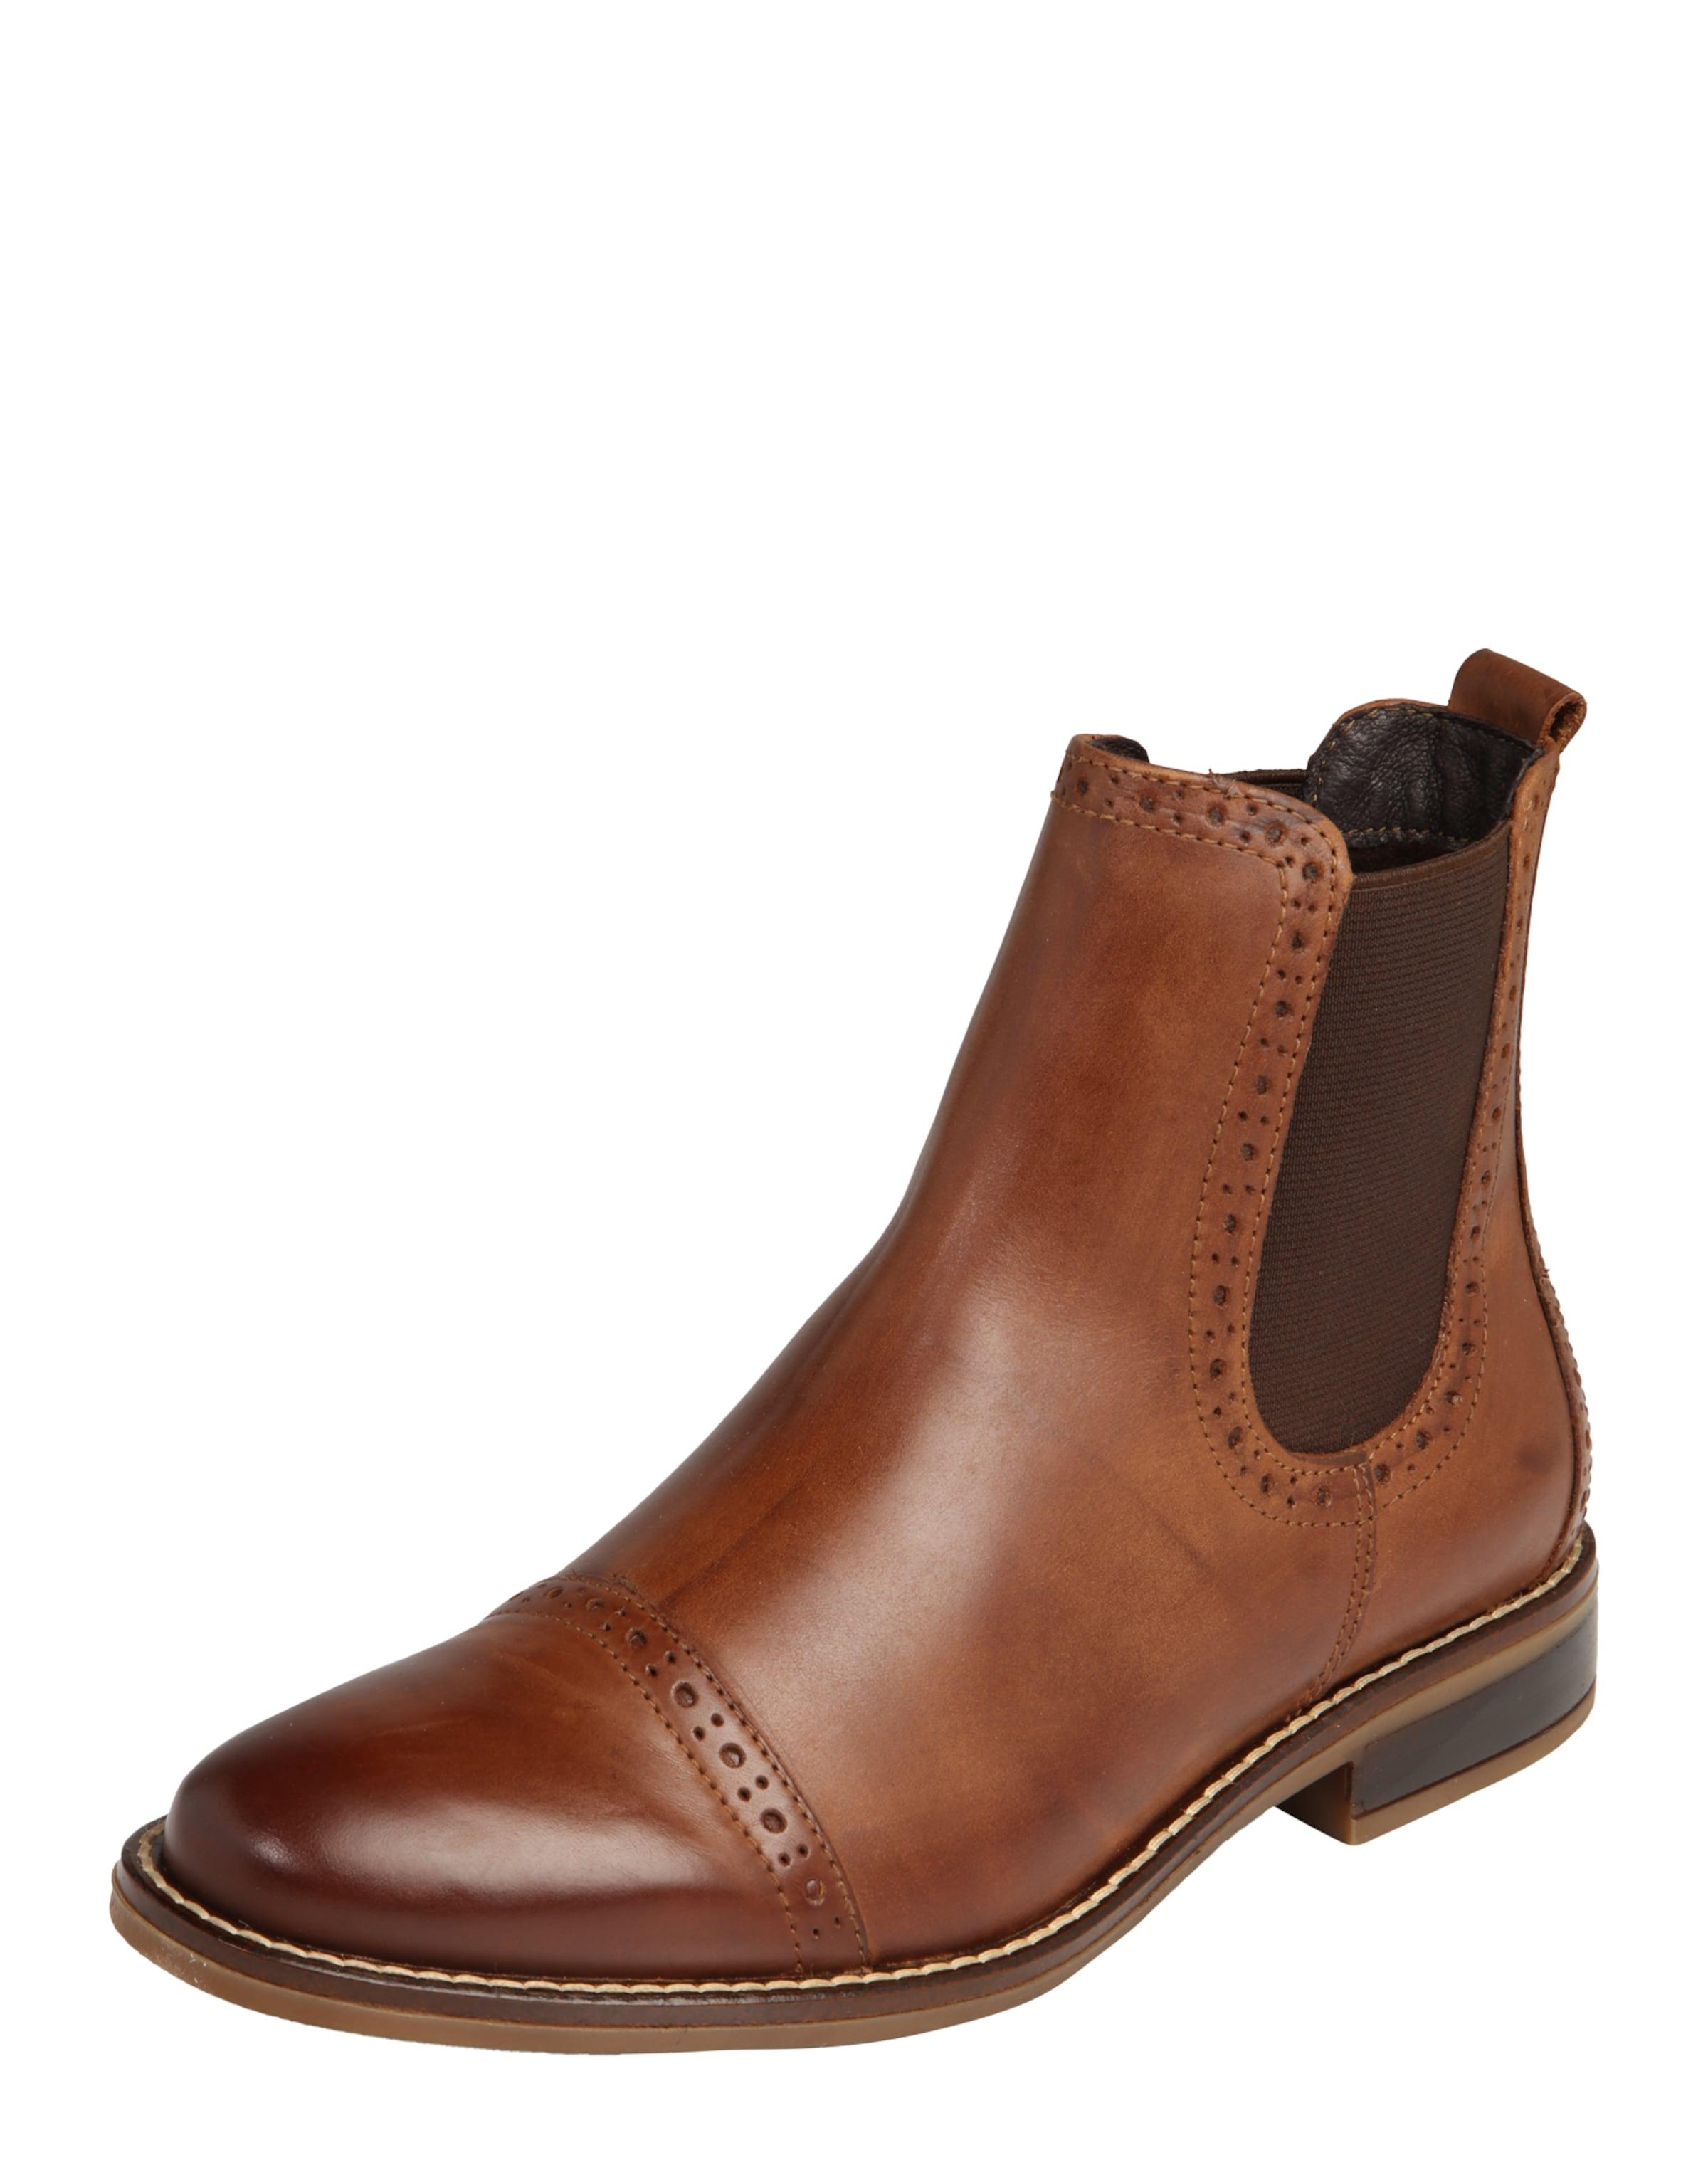 Pier One | Stiefelette aus Leder Schuhe Gut getragene Schuhe